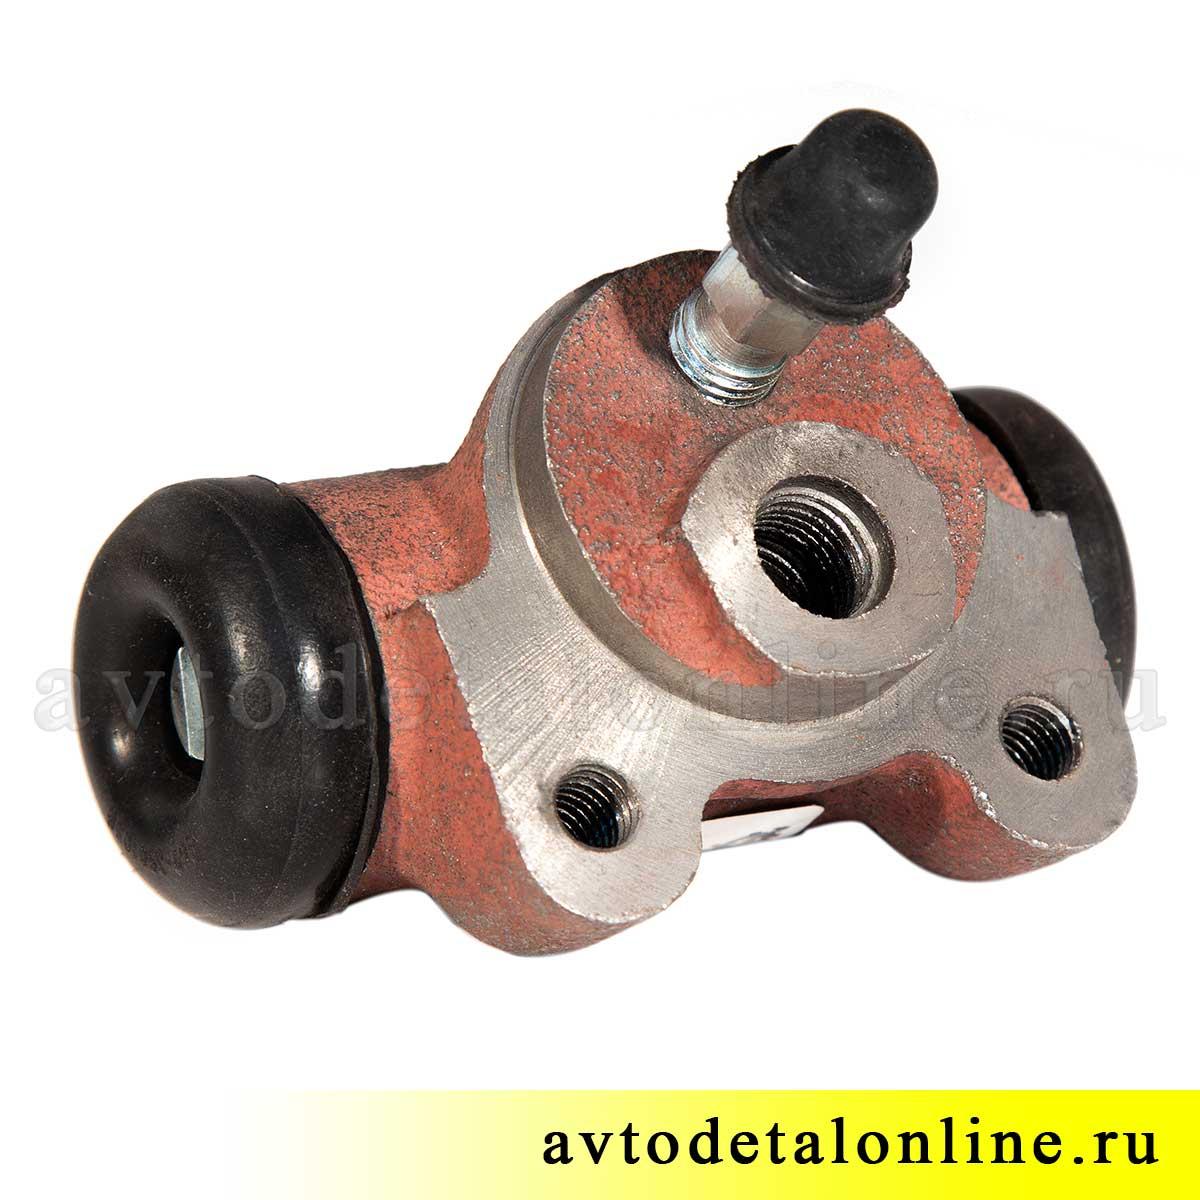 СТО Land Rover в Киеве 312 СТО и 2465 отзывов, каталог